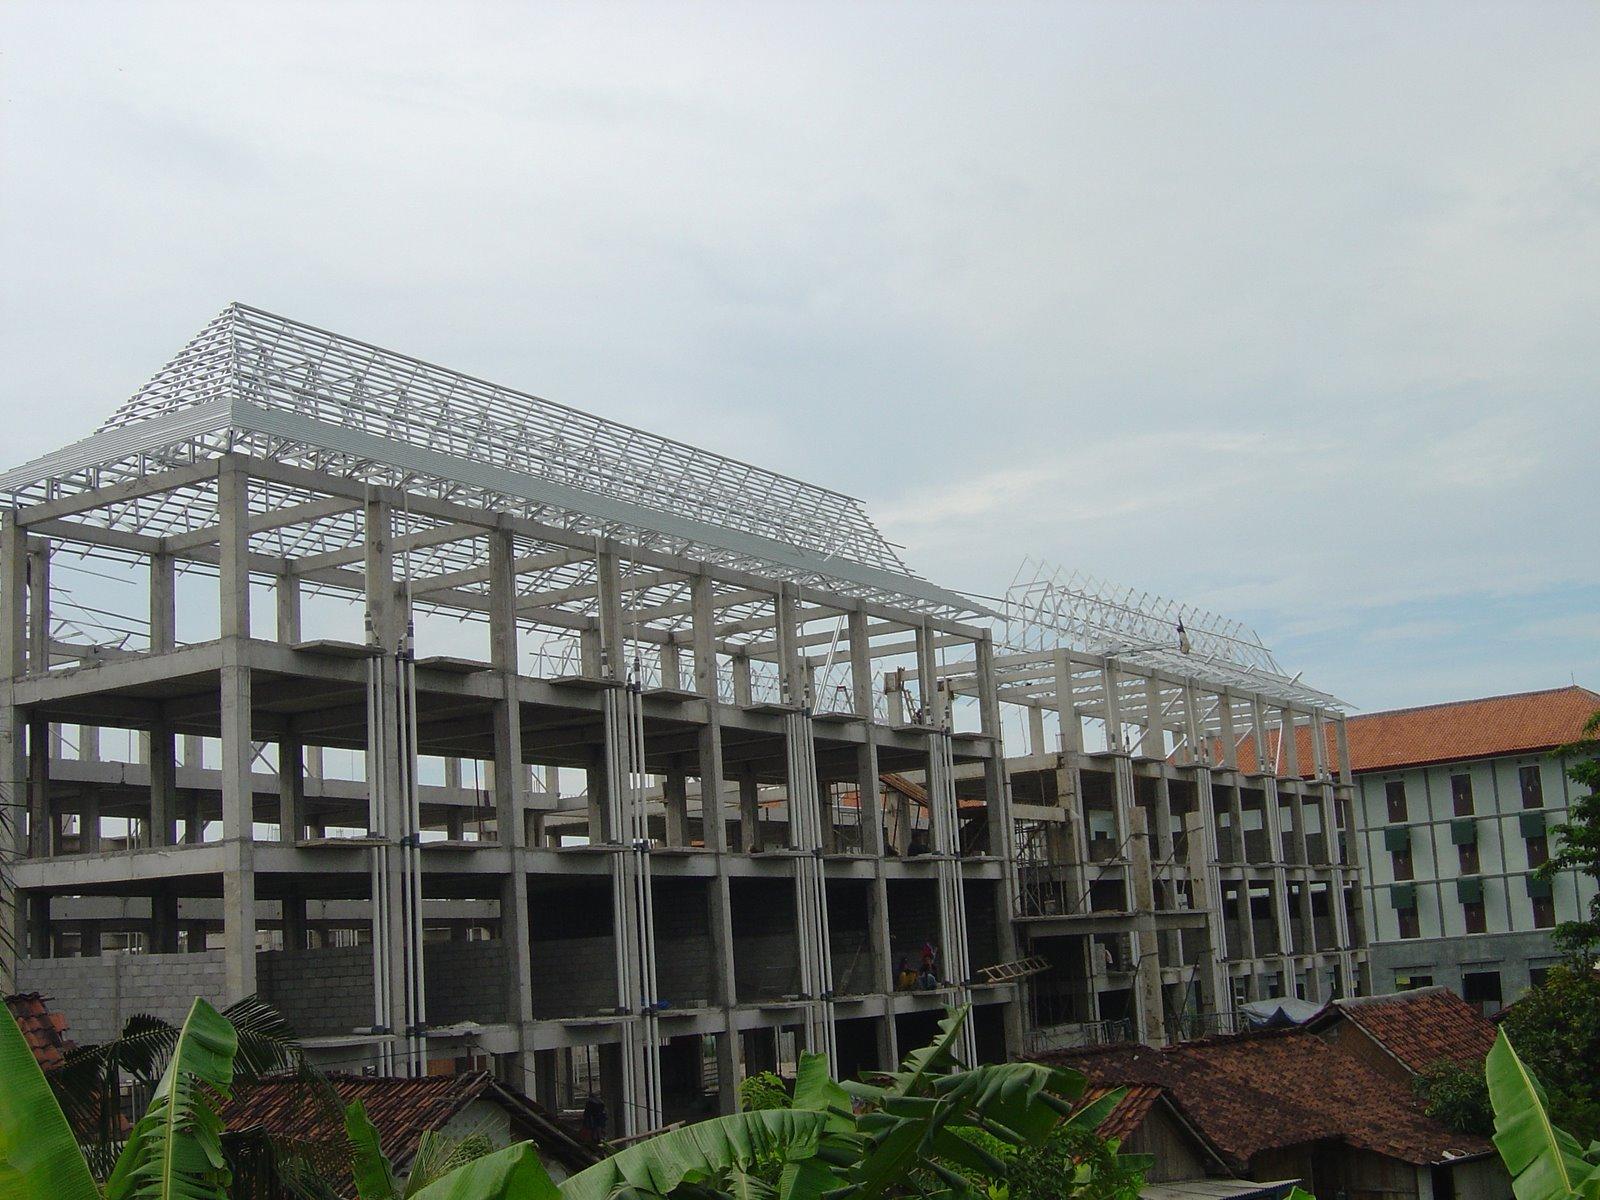 dimensi truss baja ringan foto-foto project: konstruksi kuda rangka atap rumah ...